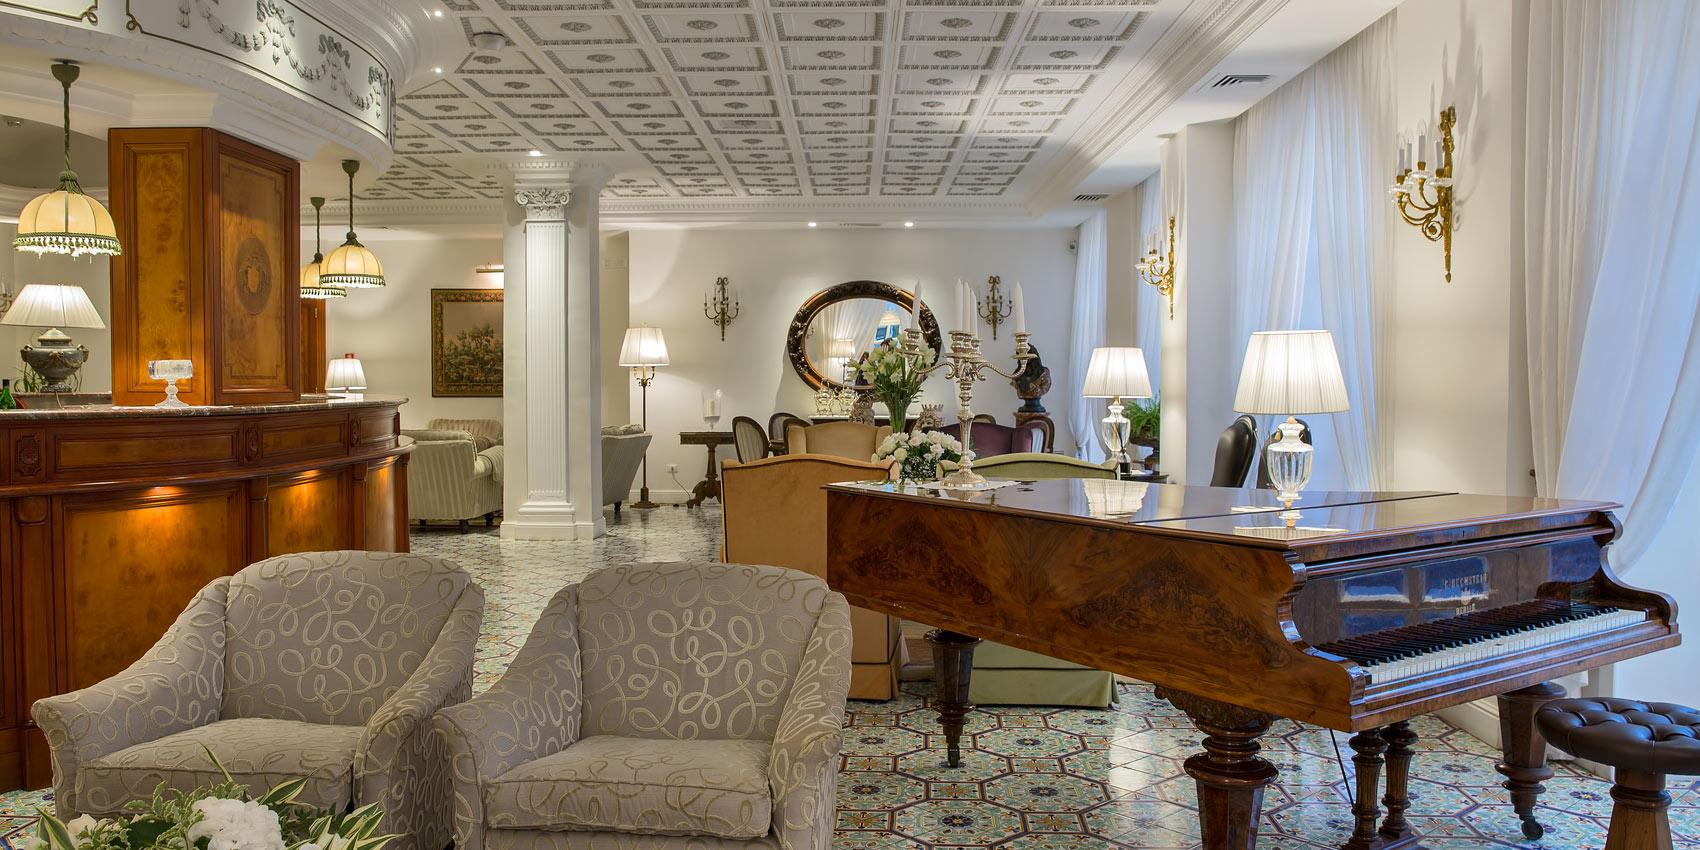 Grand hotel la medusa castellammare di stabia foto